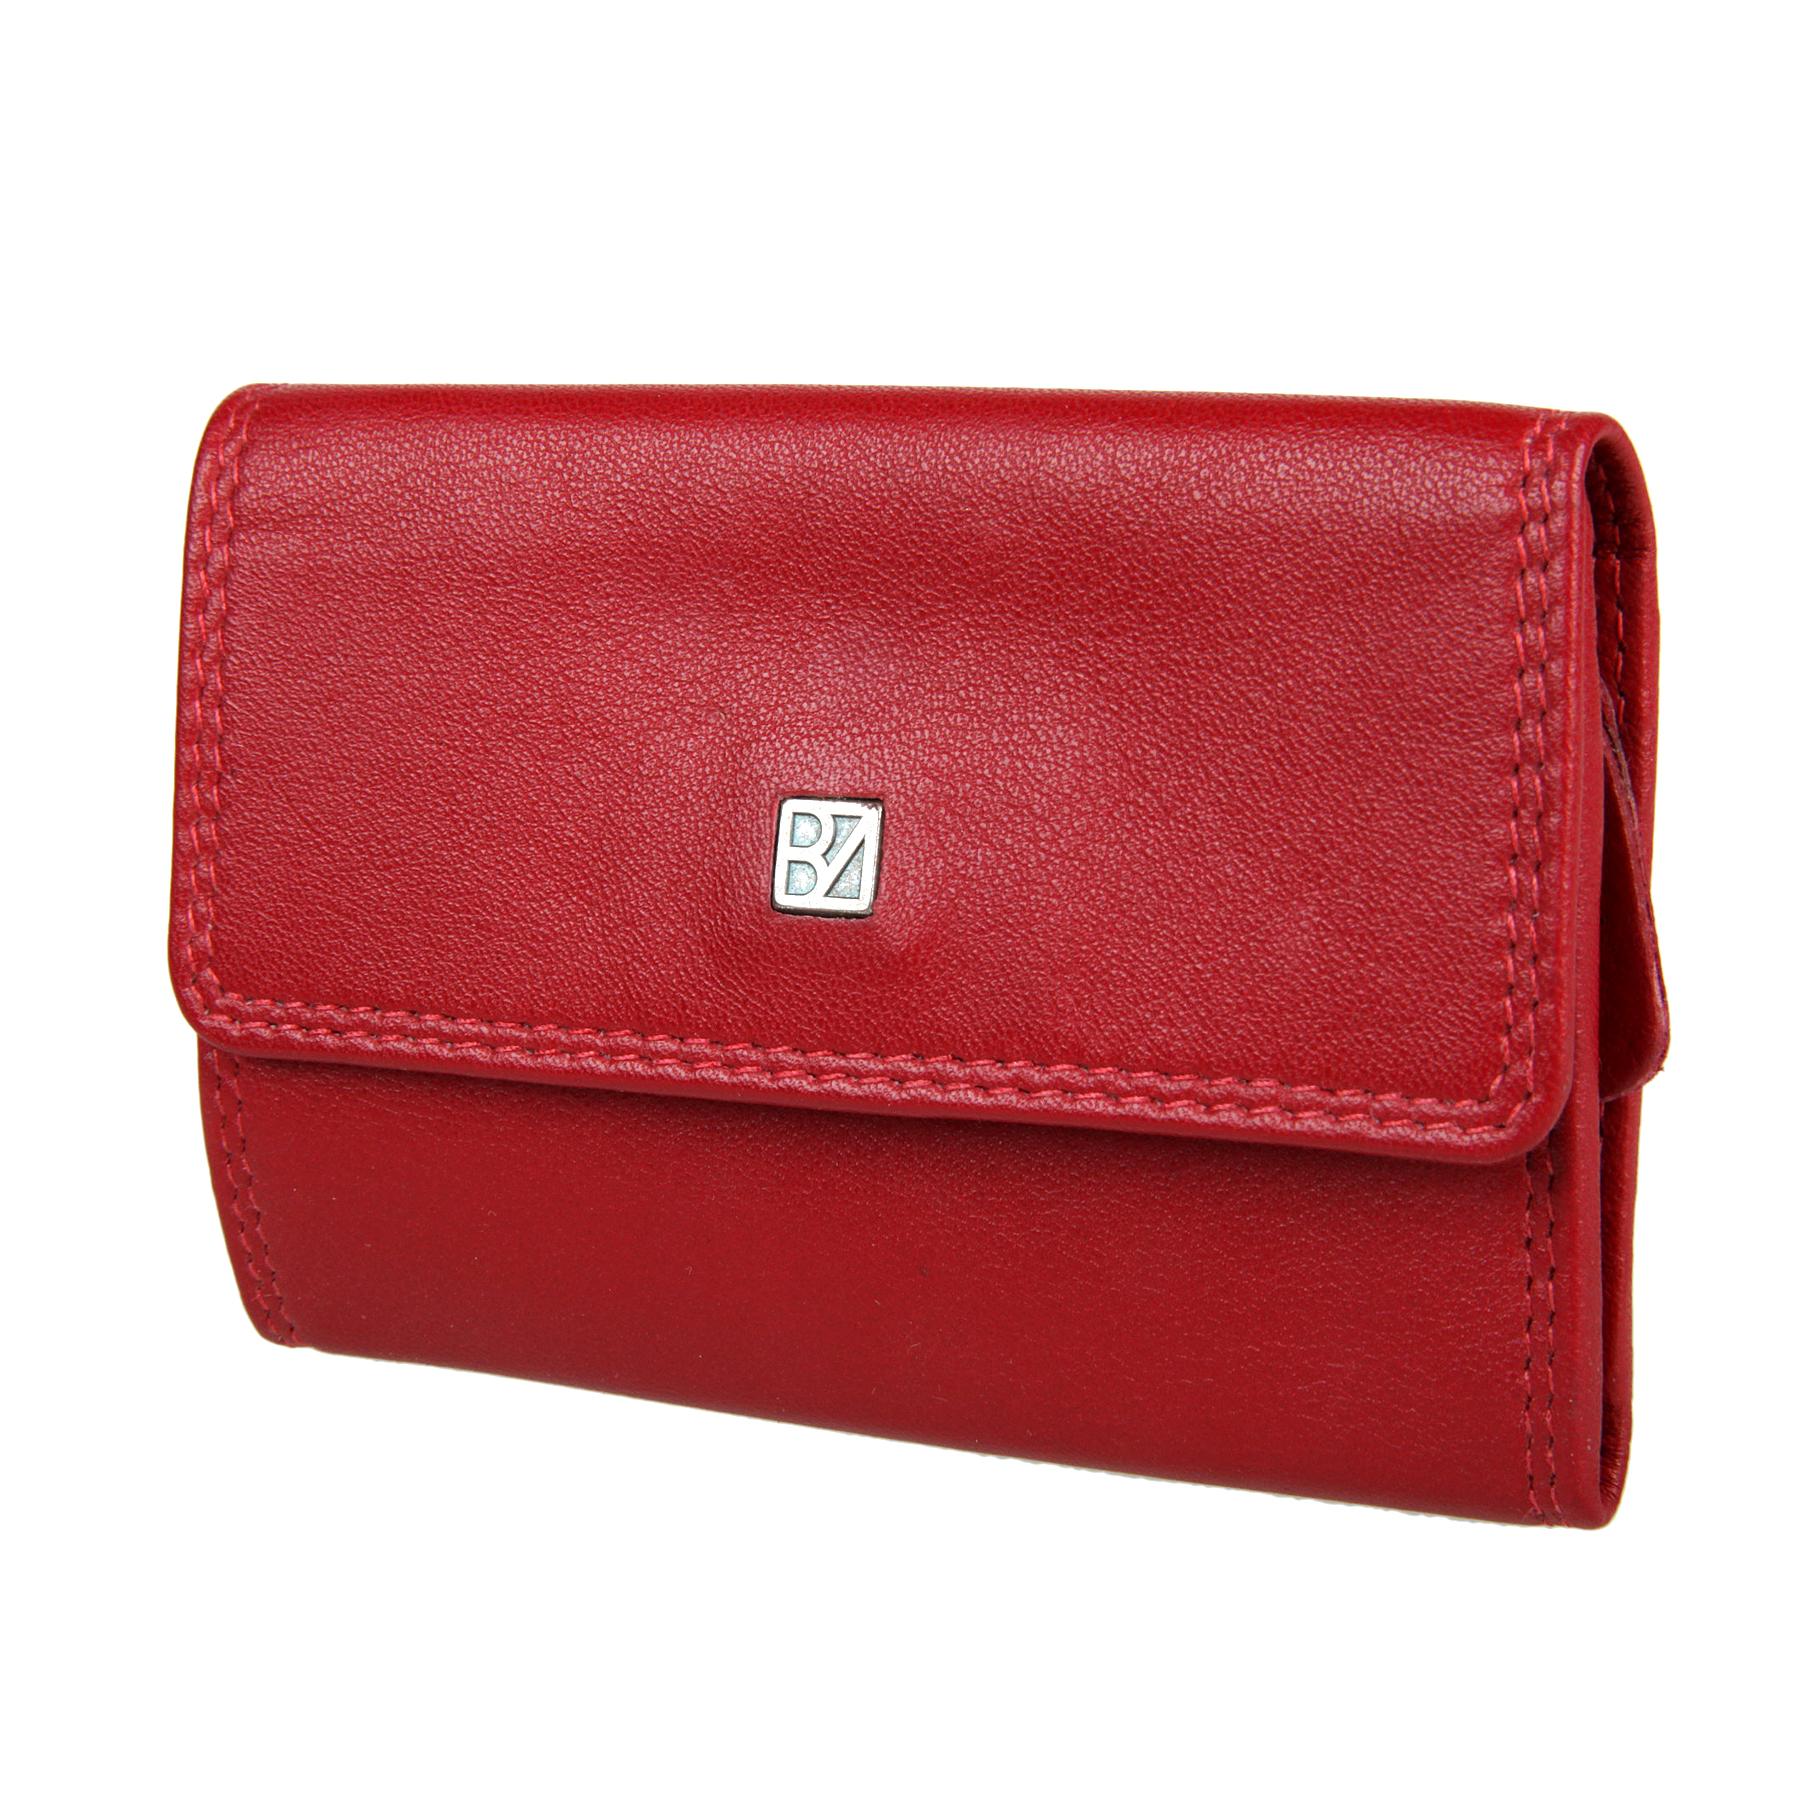 Ключница женский Bodenschatz, цвет: красный. 8-834 red8-834 redЗакрывается клапаном на кнопке, внутри шесть карабинов для ключей, карман на молнии для мелочи.